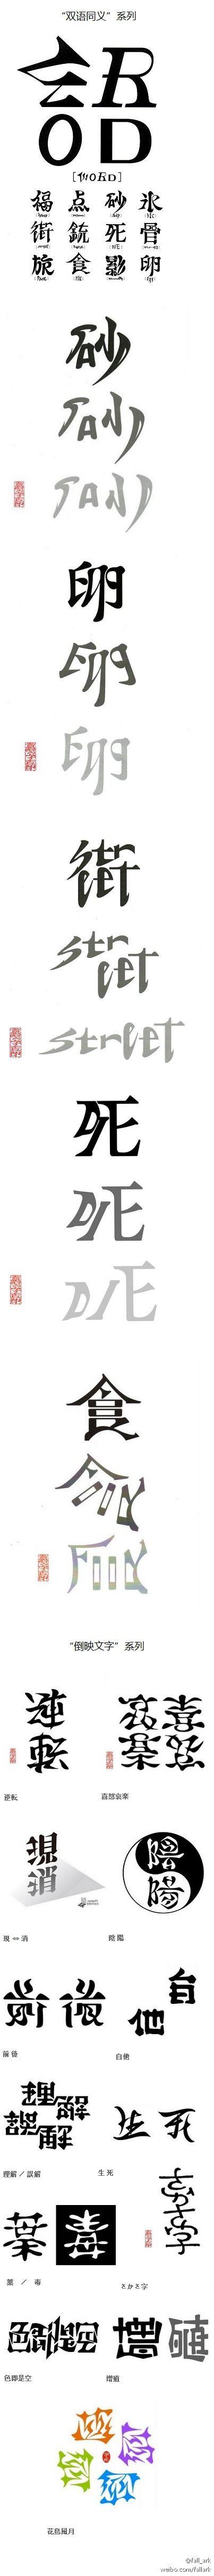 意瞑字査印 Genius! Thanks heap for the idea. What a creative way to teach MSL, English background students to learn Chinese characters.